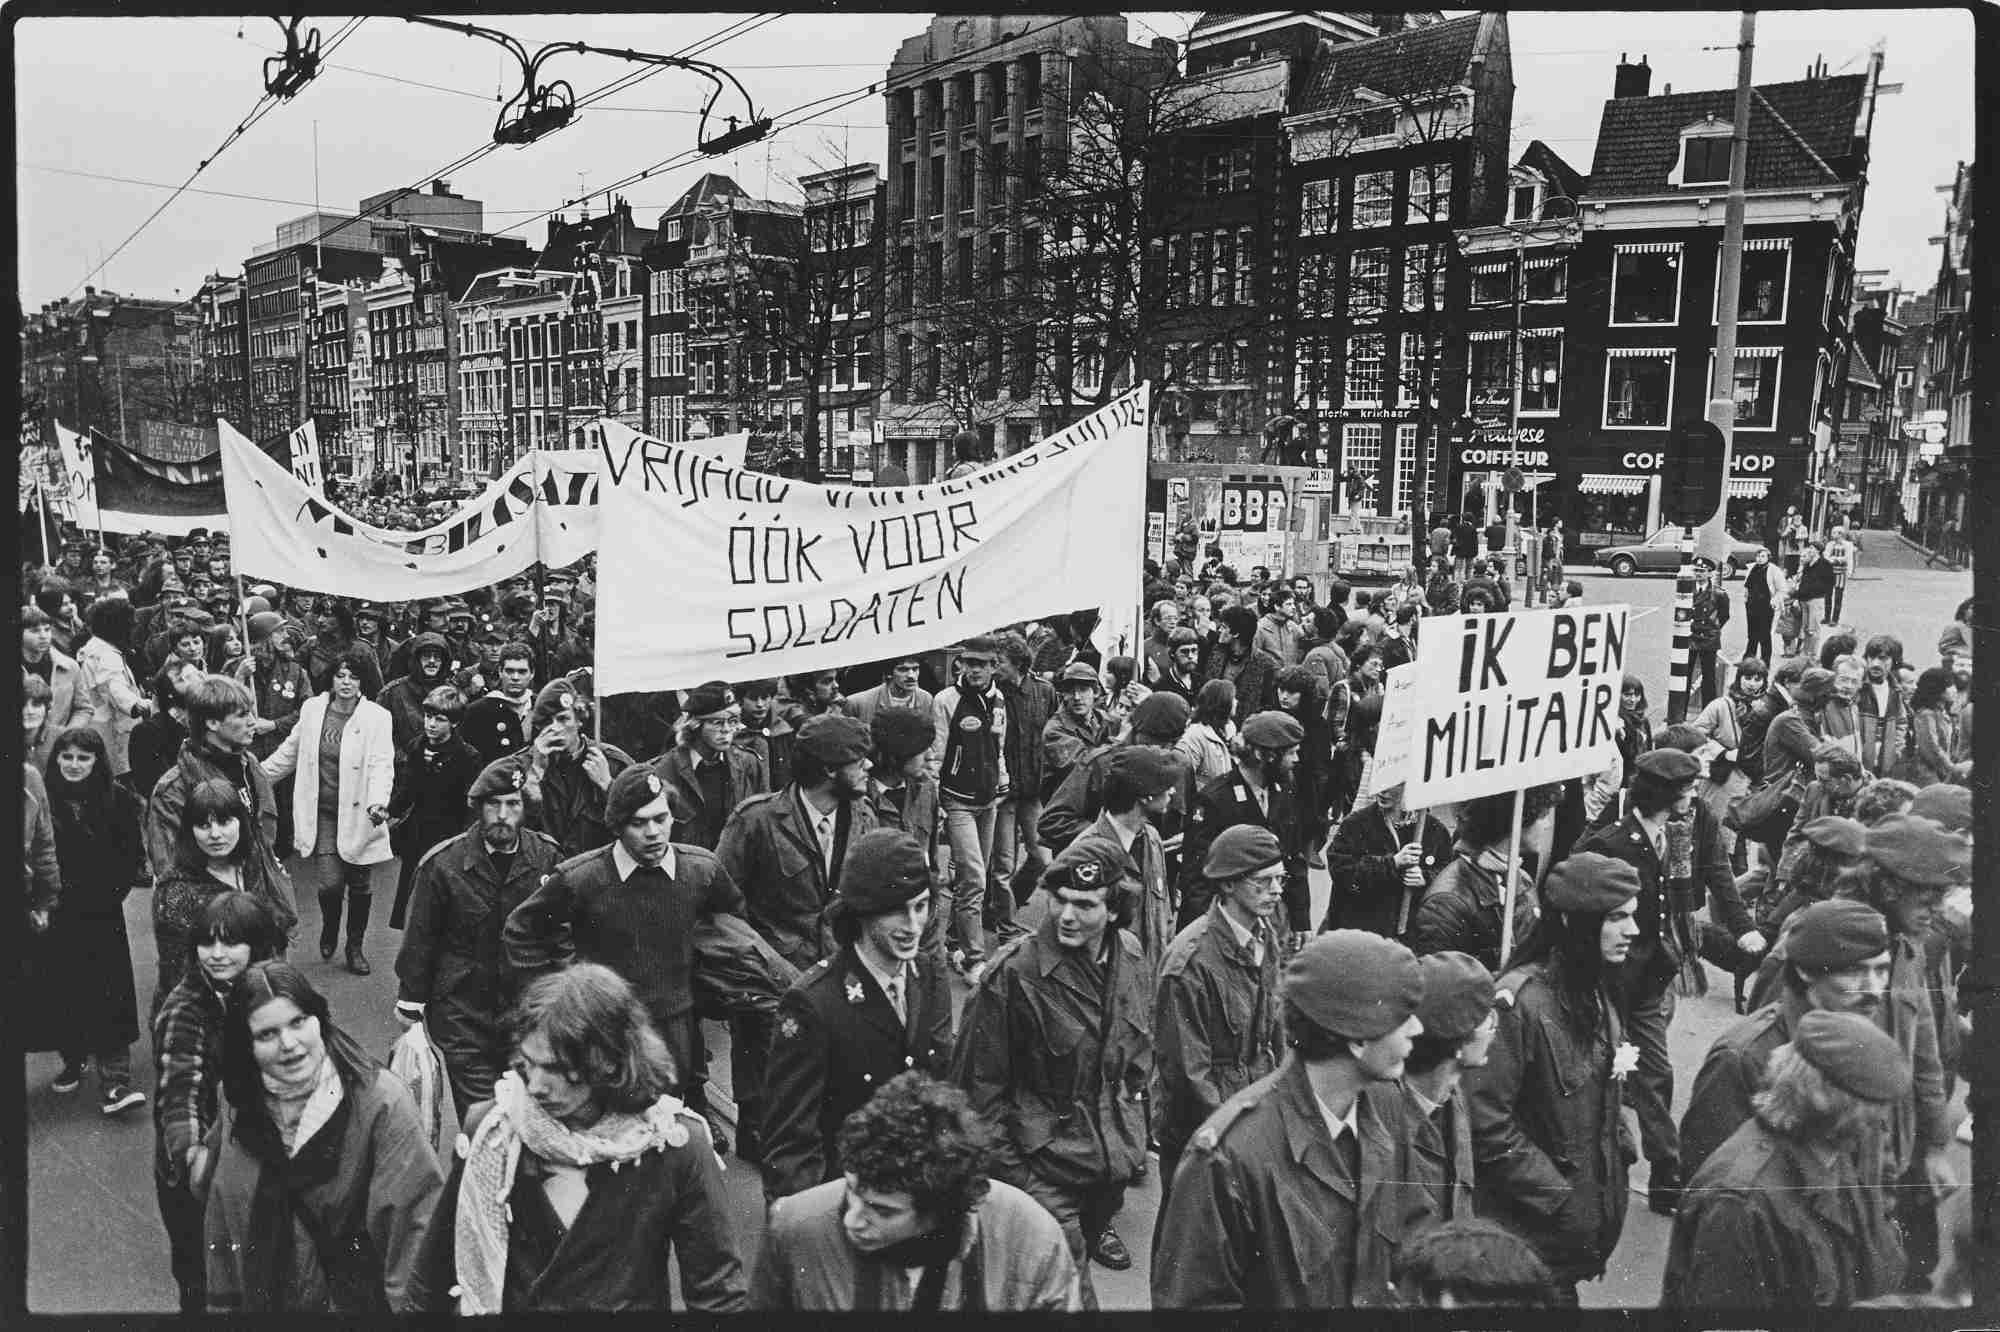 Soldaten op demonstratie. Foto: Anne Vaillant.